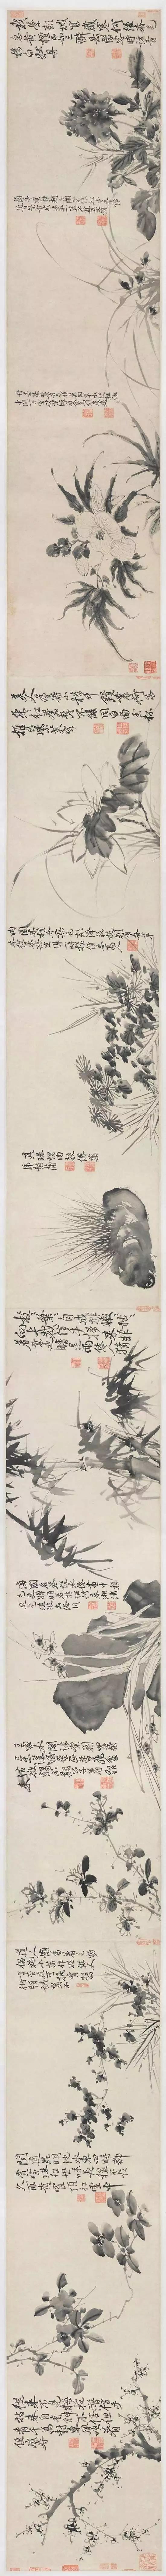 徐渭 十二墨花诗画图卷 纸本水墨 32.8×544cm 美国弗利尔美术馆藏